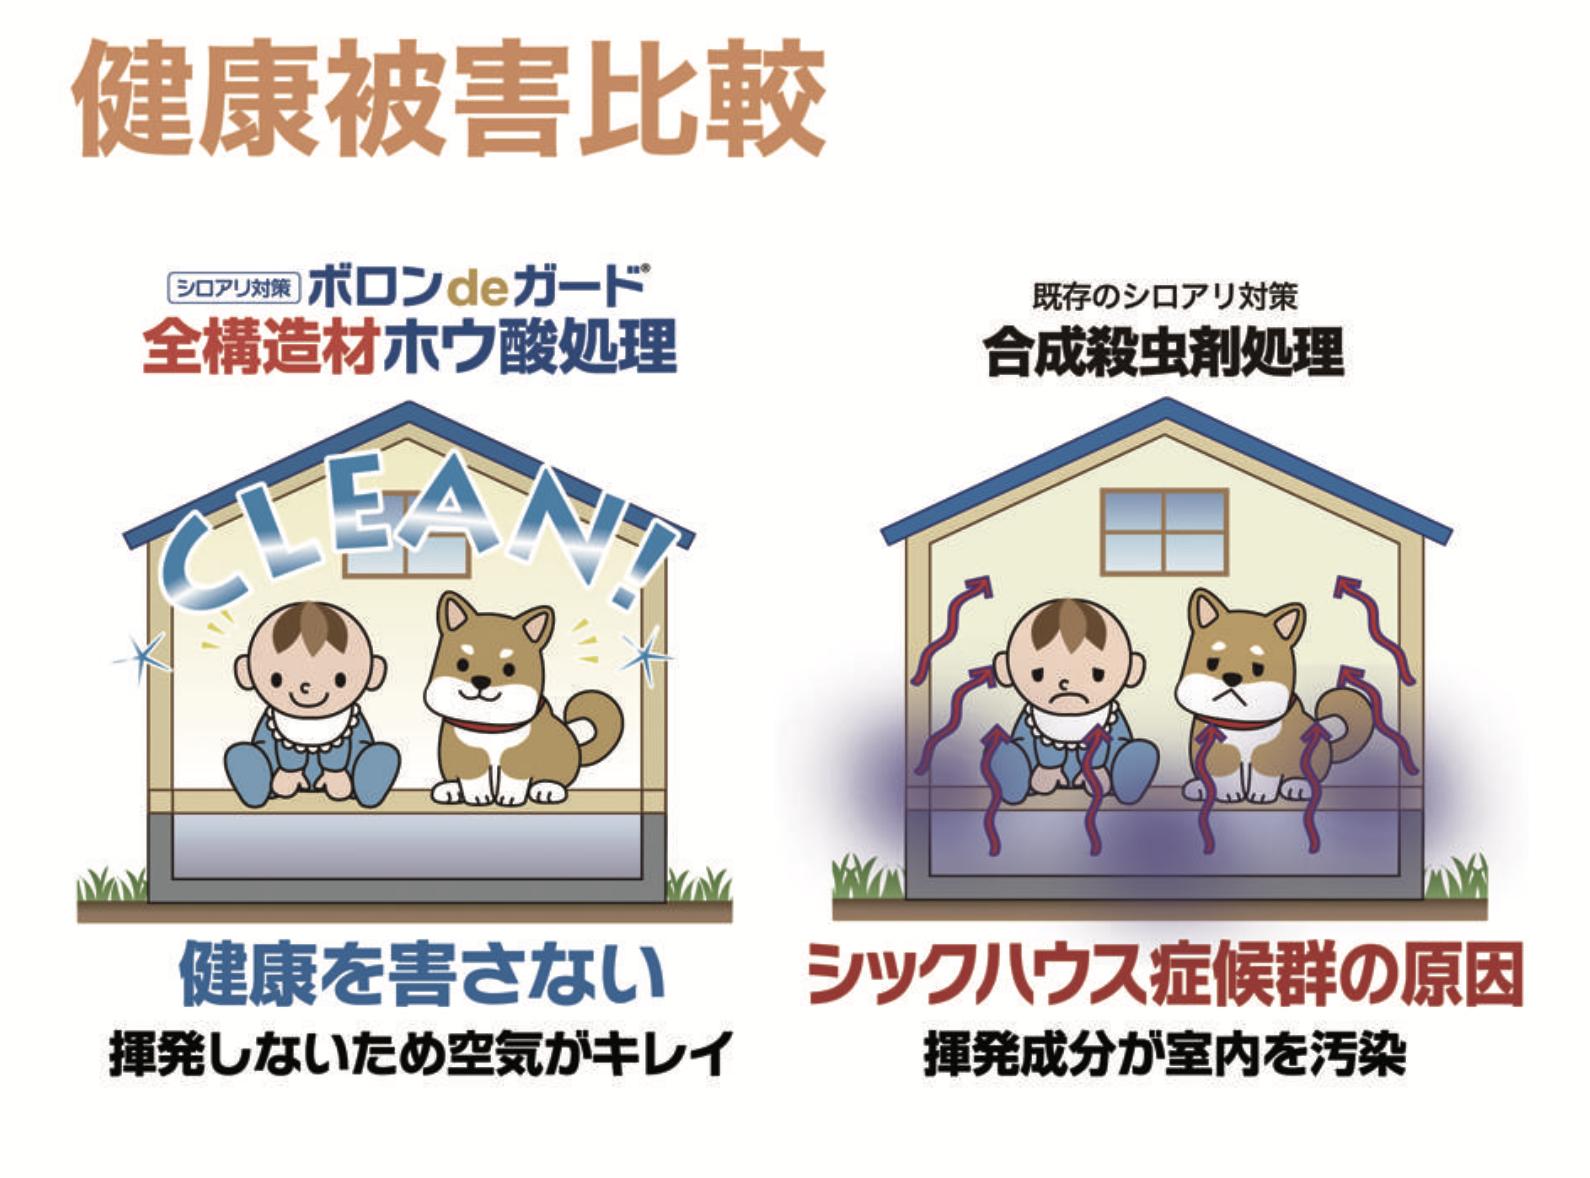 ホウ酸と合成殺虫剤の違い 日本ボレイト公式ブログ